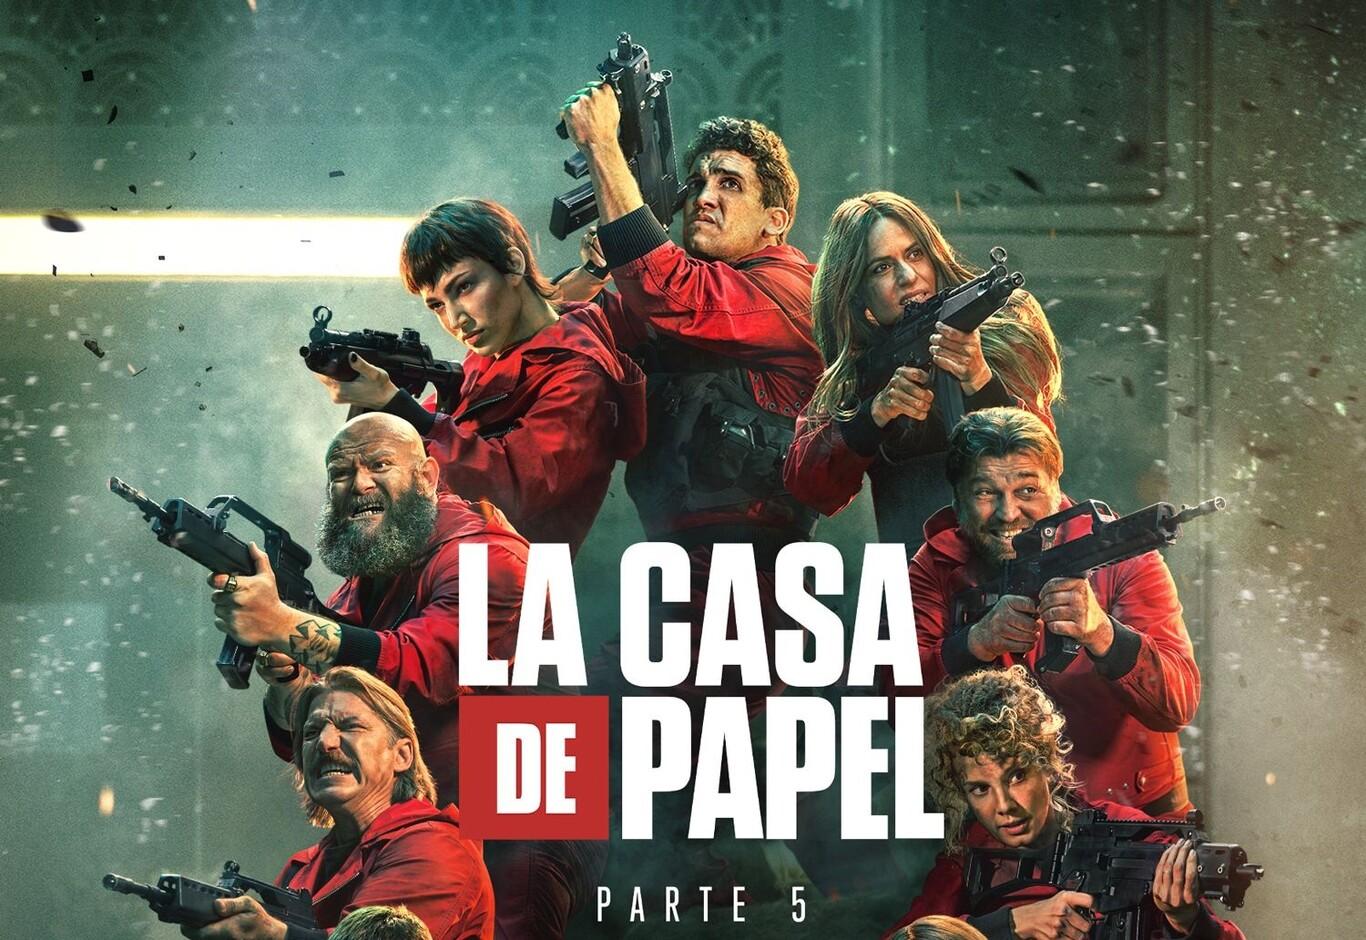 La casa de papel (2021) crítica: la abrumadora temporada final de la serie  de Netflix lo confía todo a la carta de la adrenalina con desigual resultado